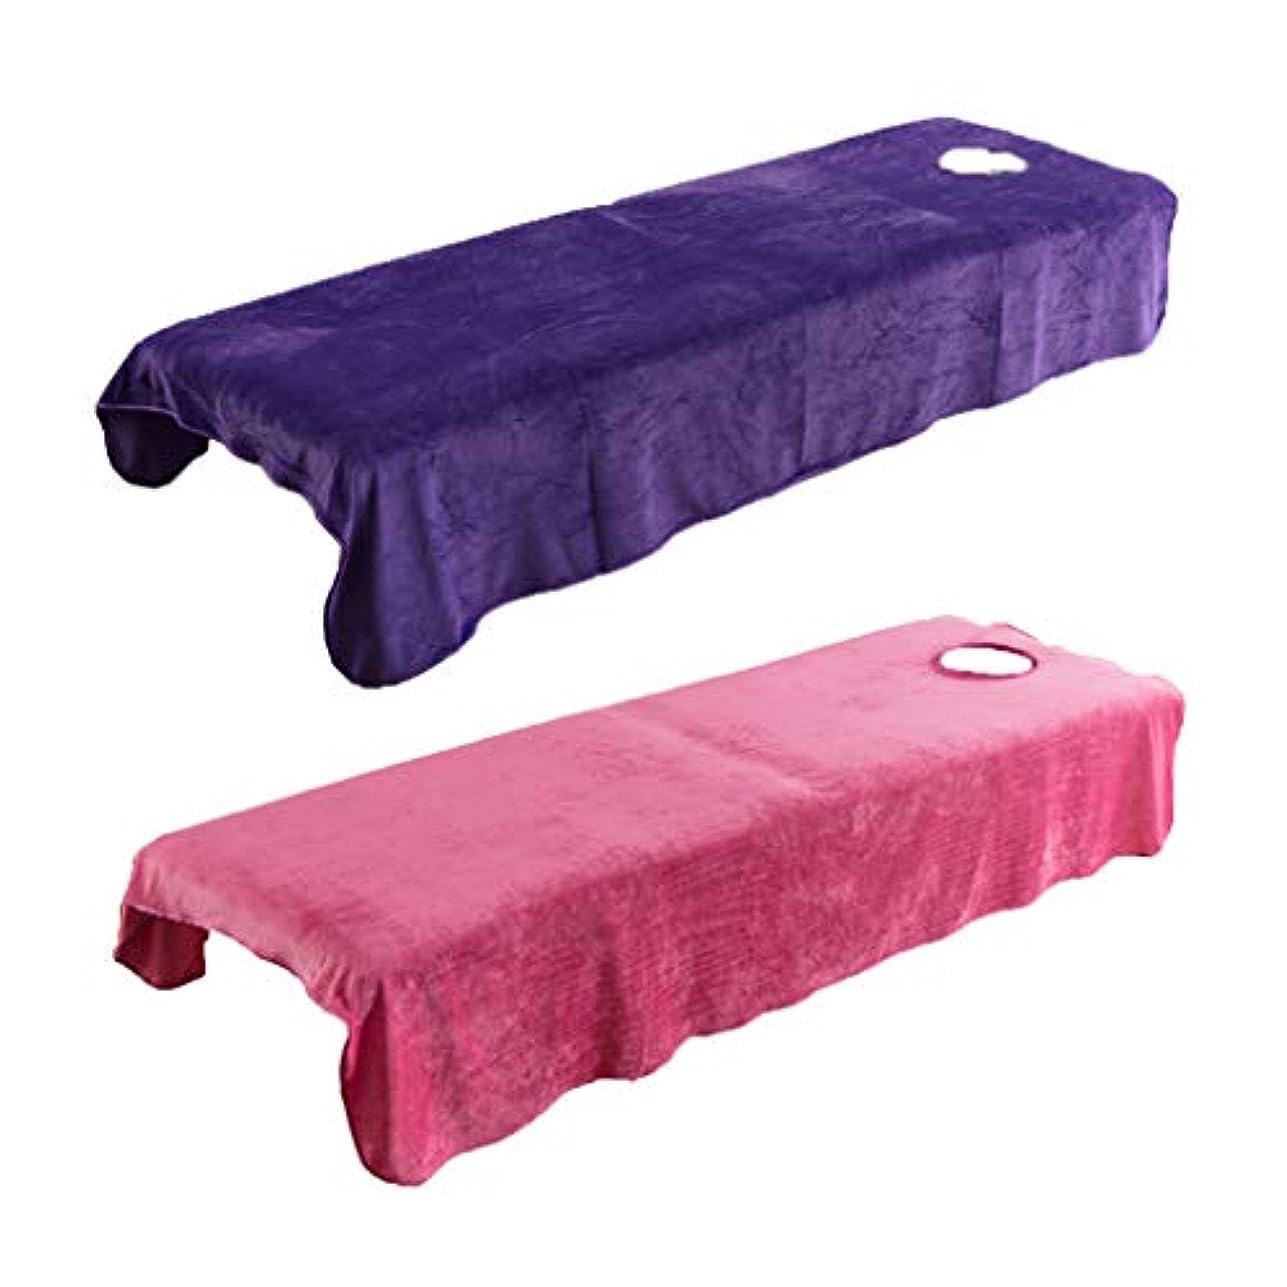 配管工ポップミット2枚 スパ マッサージベッドカバー 有孔 美容ベッドカバー マッサージ台シーツカバー 快適 通気性